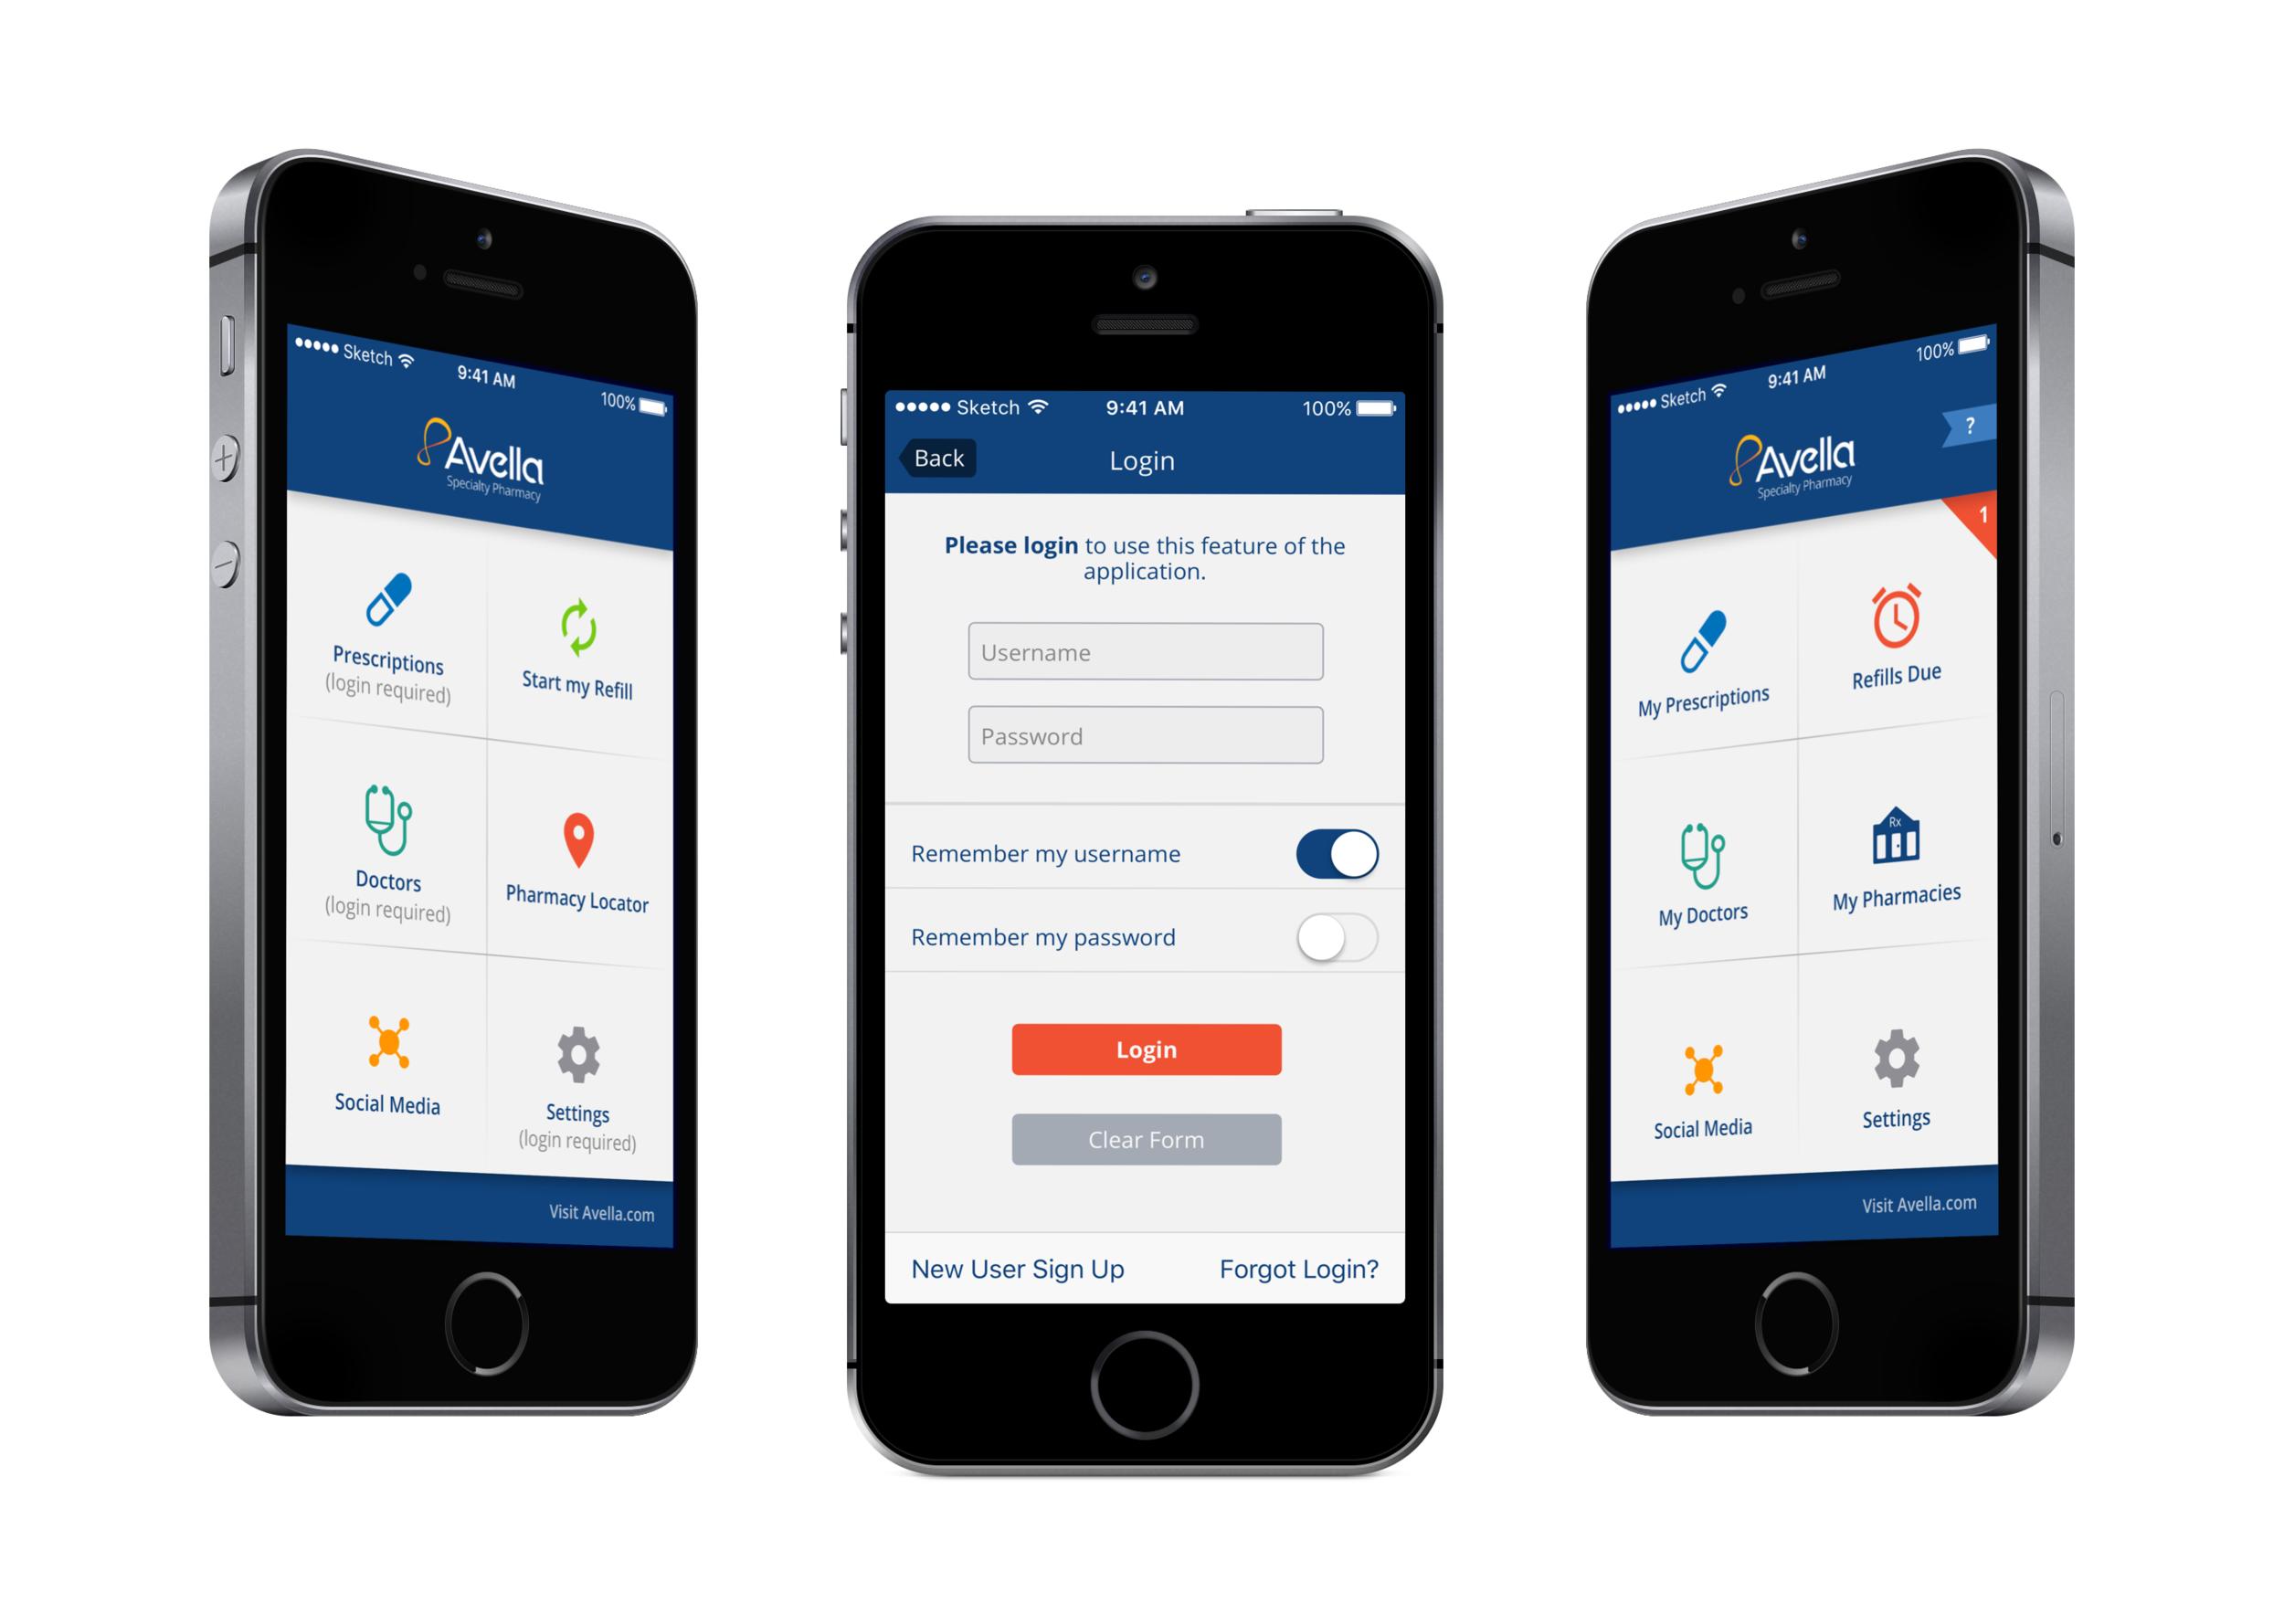 Avella-mobile_app-login_flow@2x.png